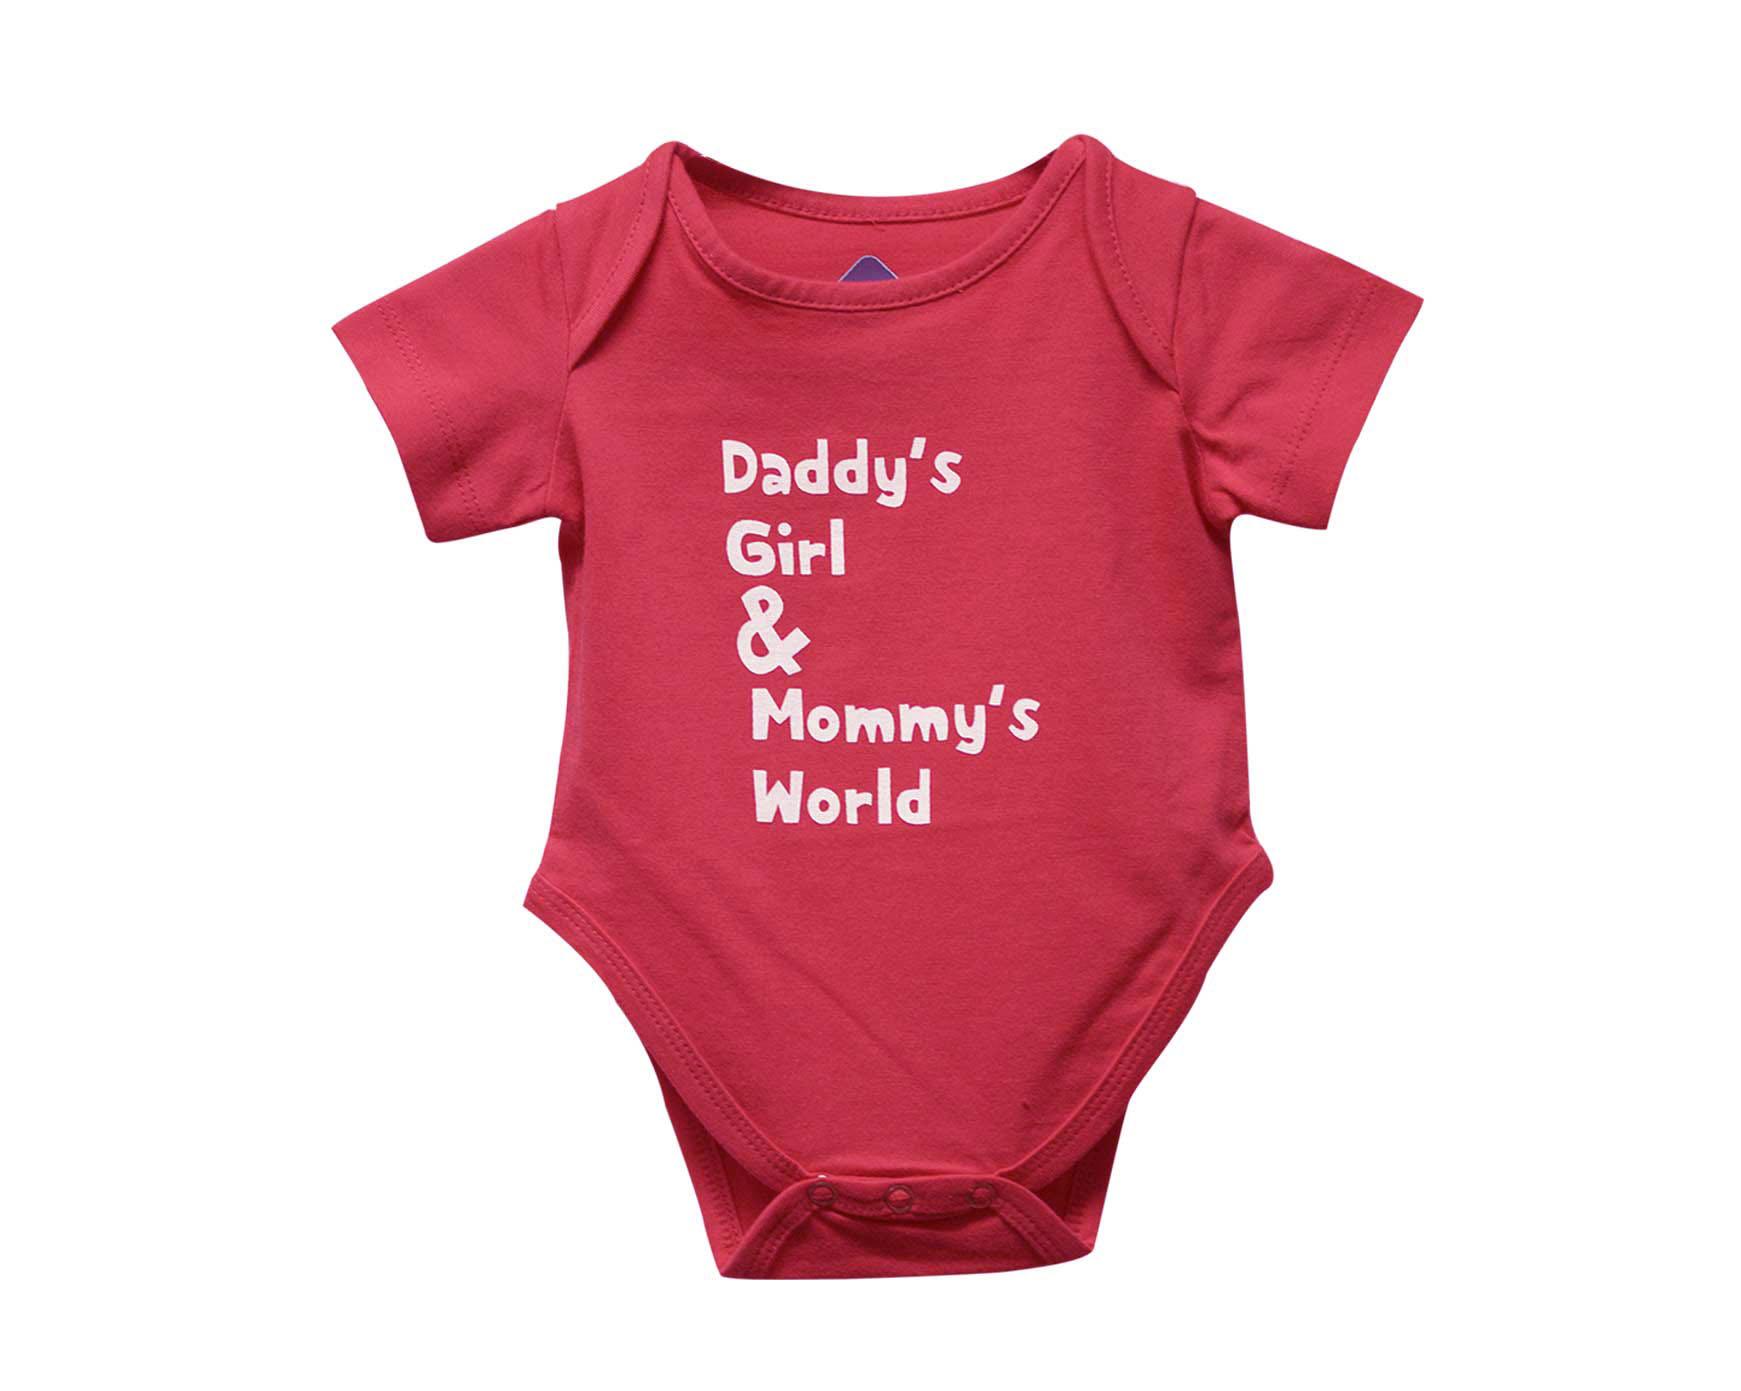 277_Daddy-girl-mommy-world.jpg